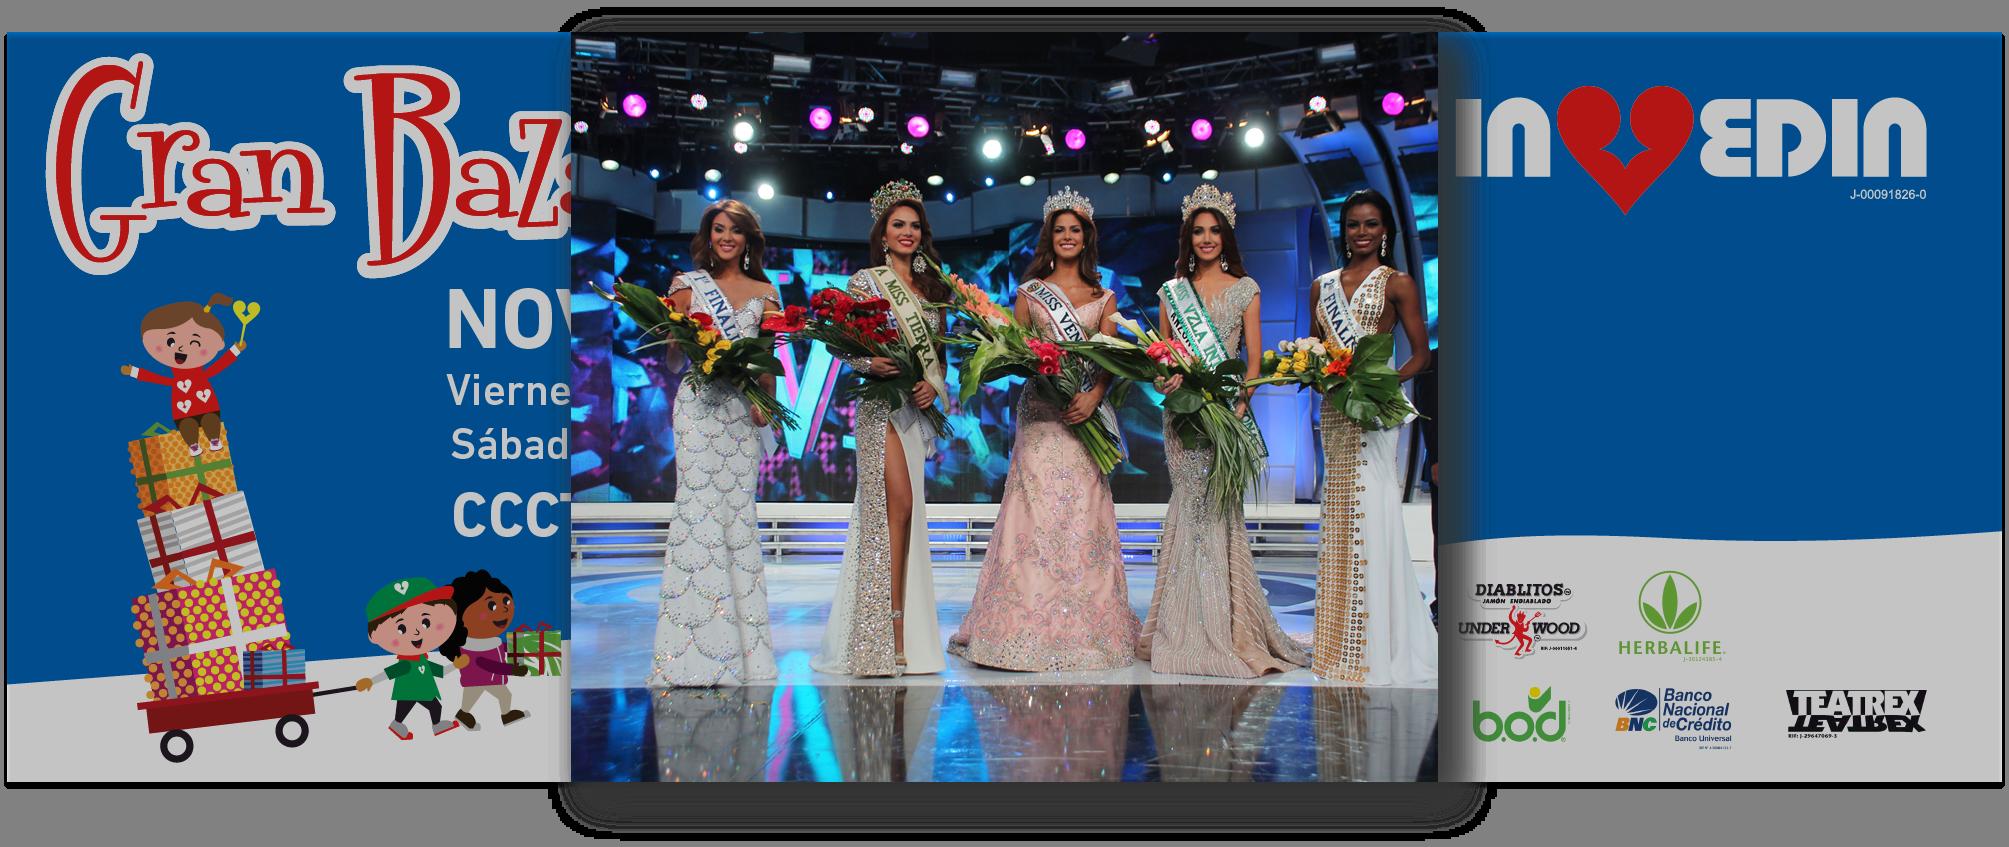 Las reinas de Venezuela presentes en el Gran Bazar Navideño Invedin 2014